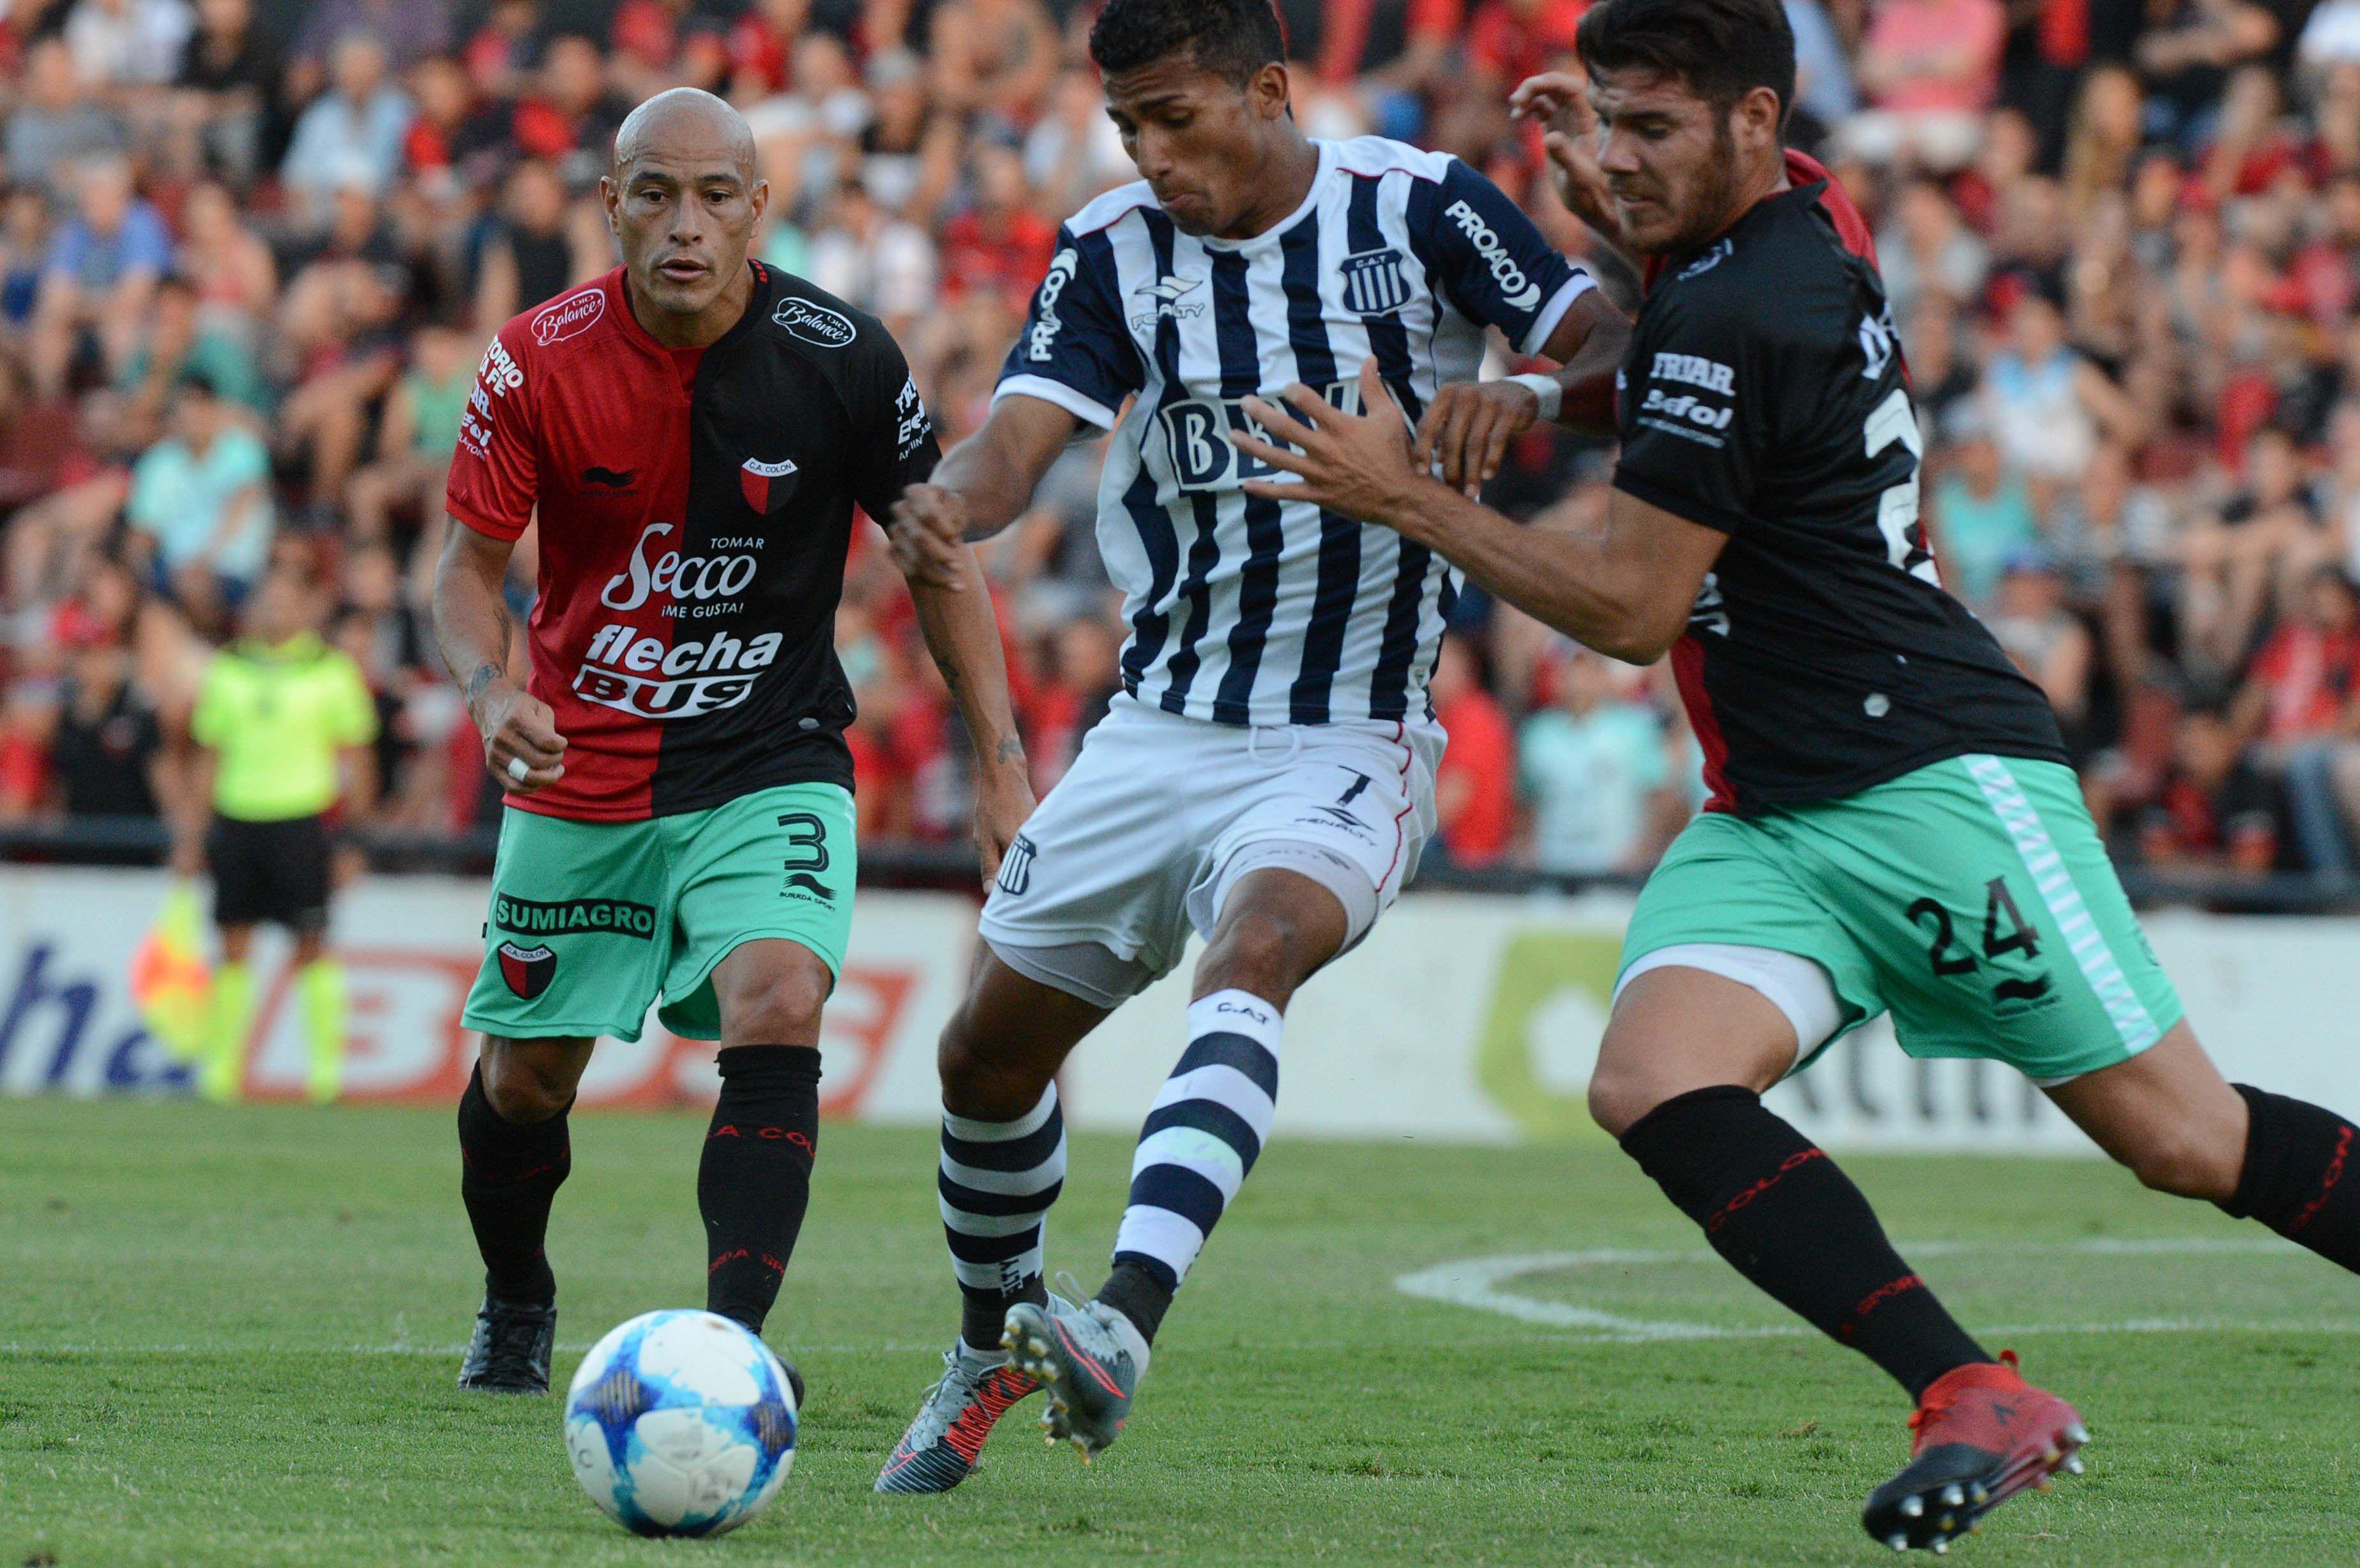 Talleres de Córdoba cerró un gran semestre ganándole a Colón en Santa Fe